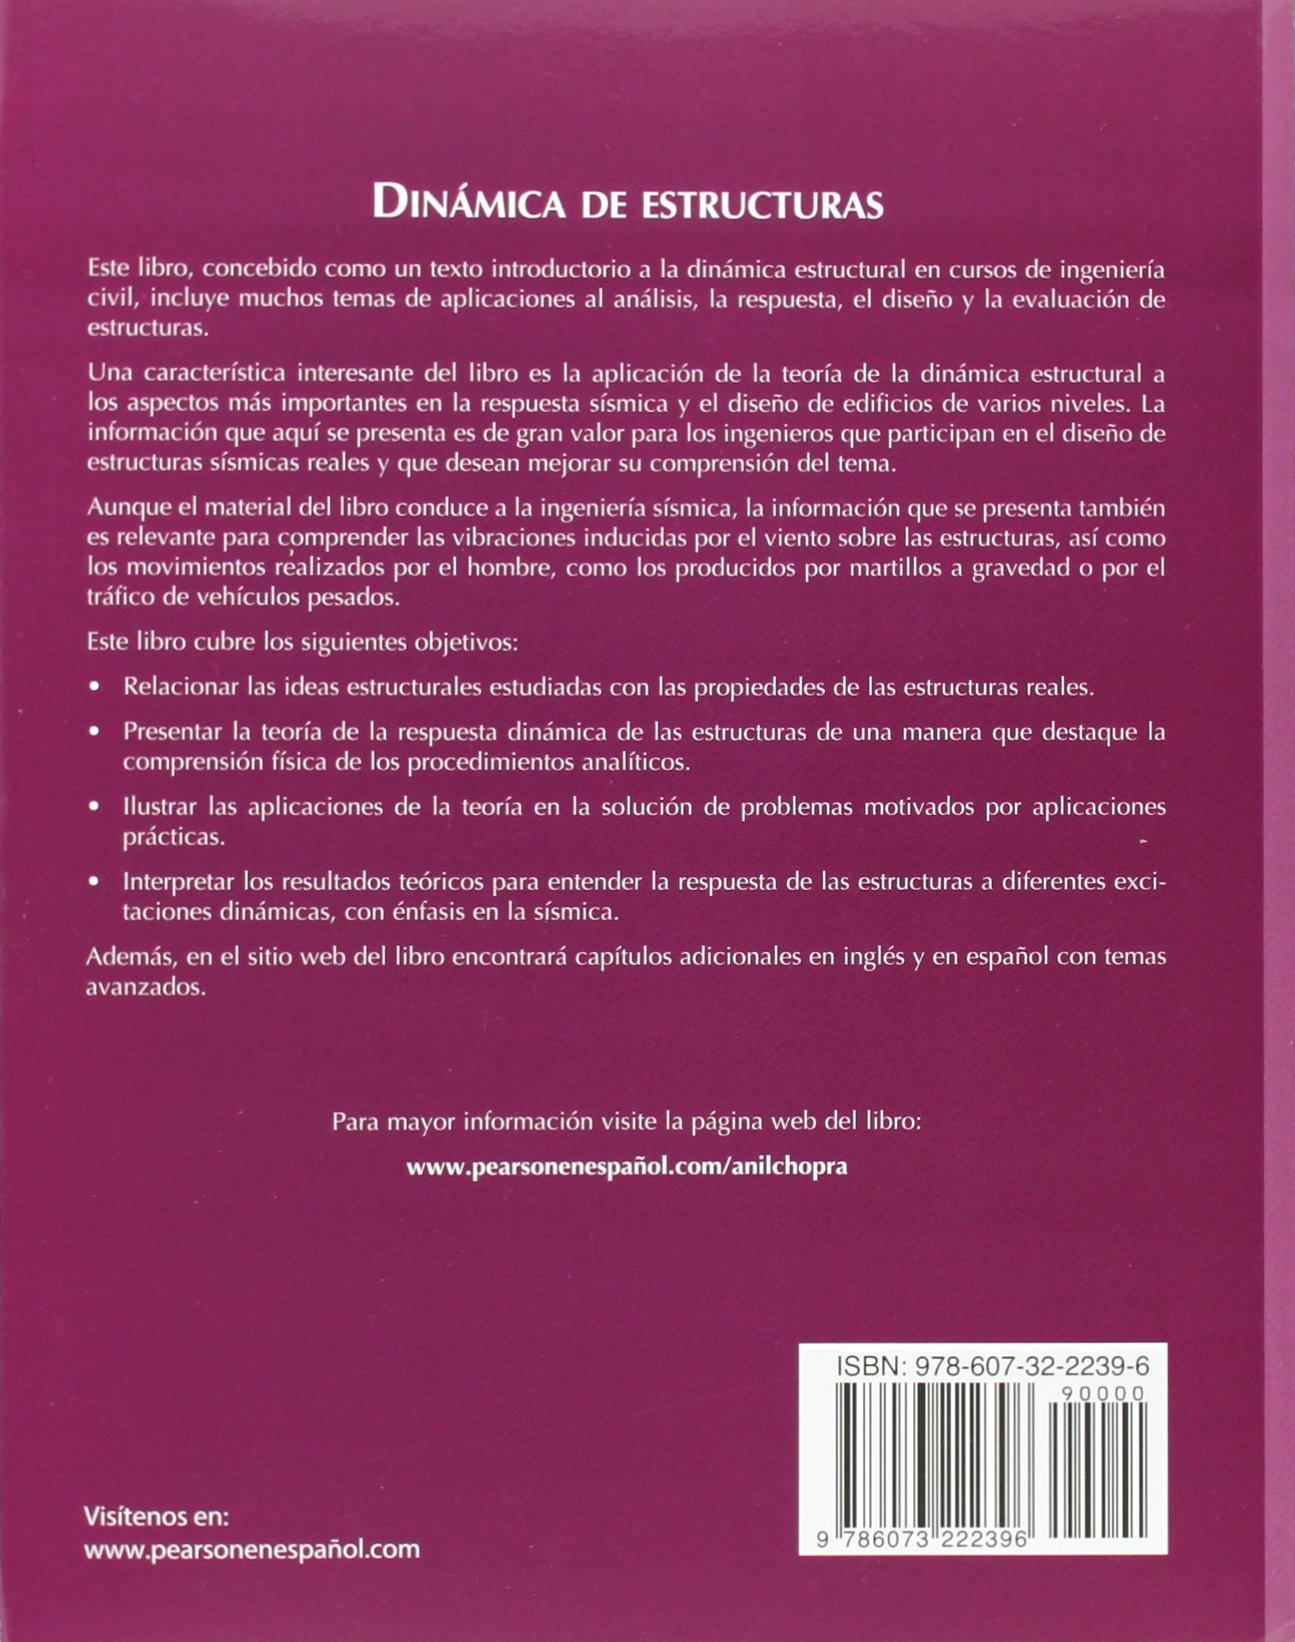 Dinamica de estructuras 4 edicion chopra 9786073222396 amazon dinamica de estructuras 4 edicion chopra 9786073222396 amazon books fandeluxe Images